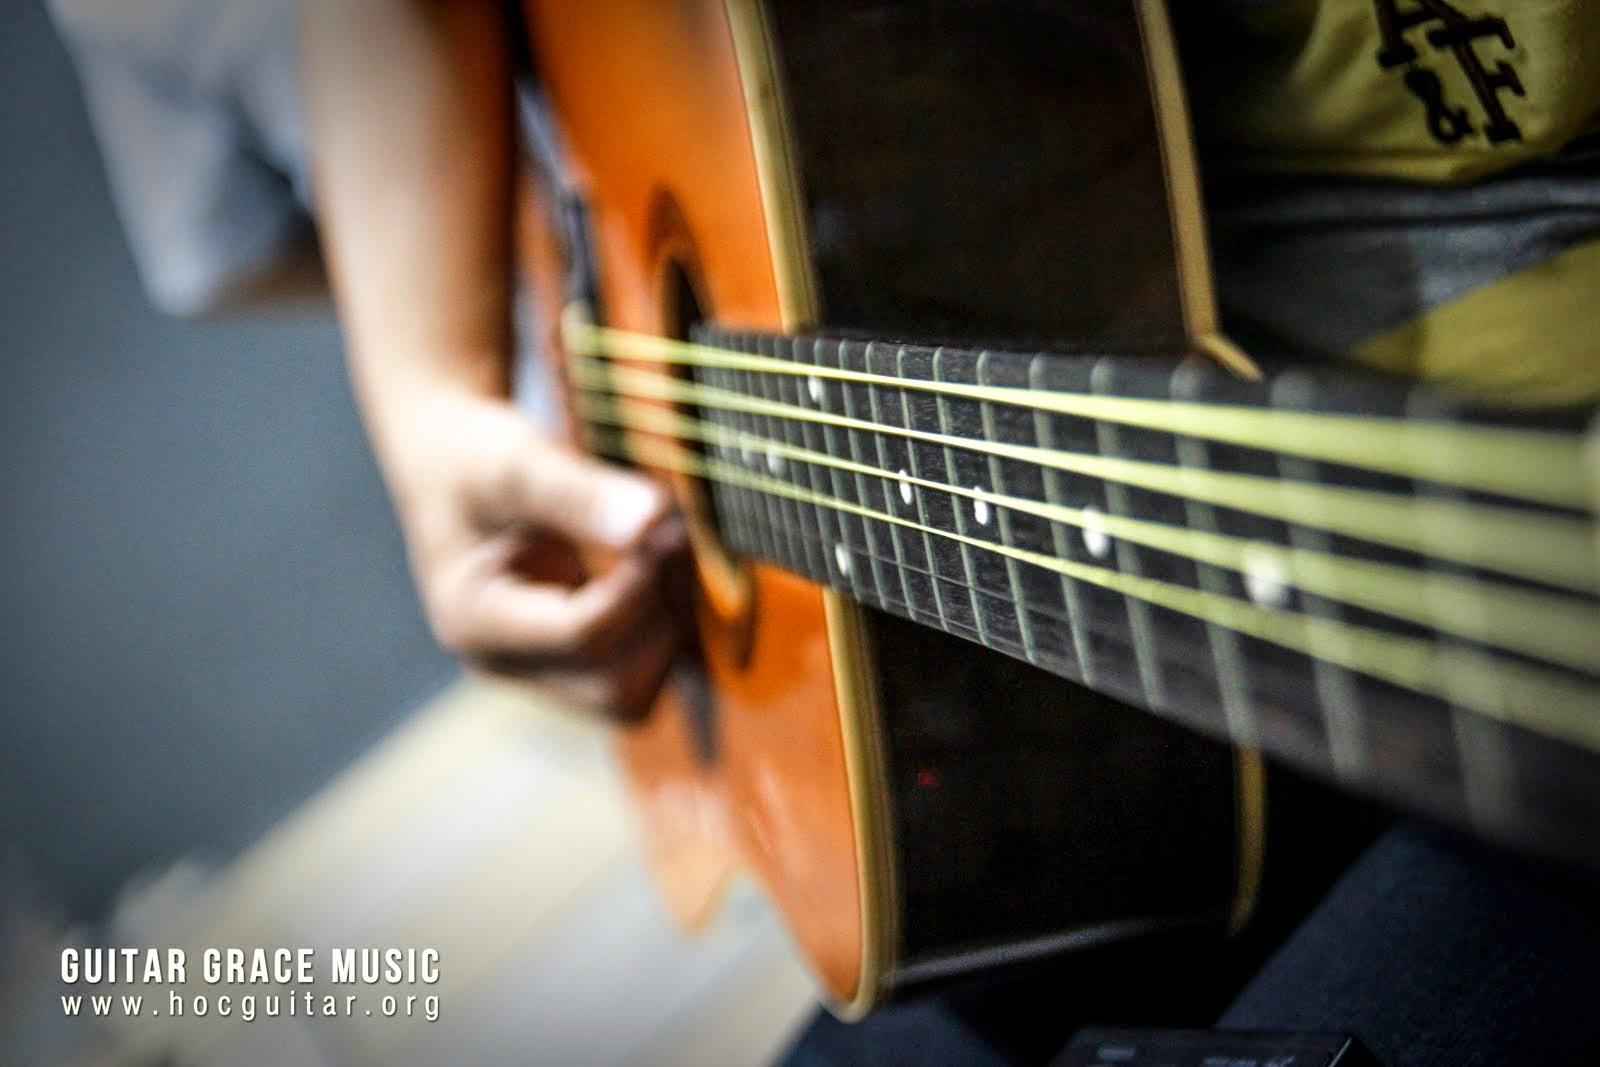 Học đàn guitar cơ bản ở tphcm